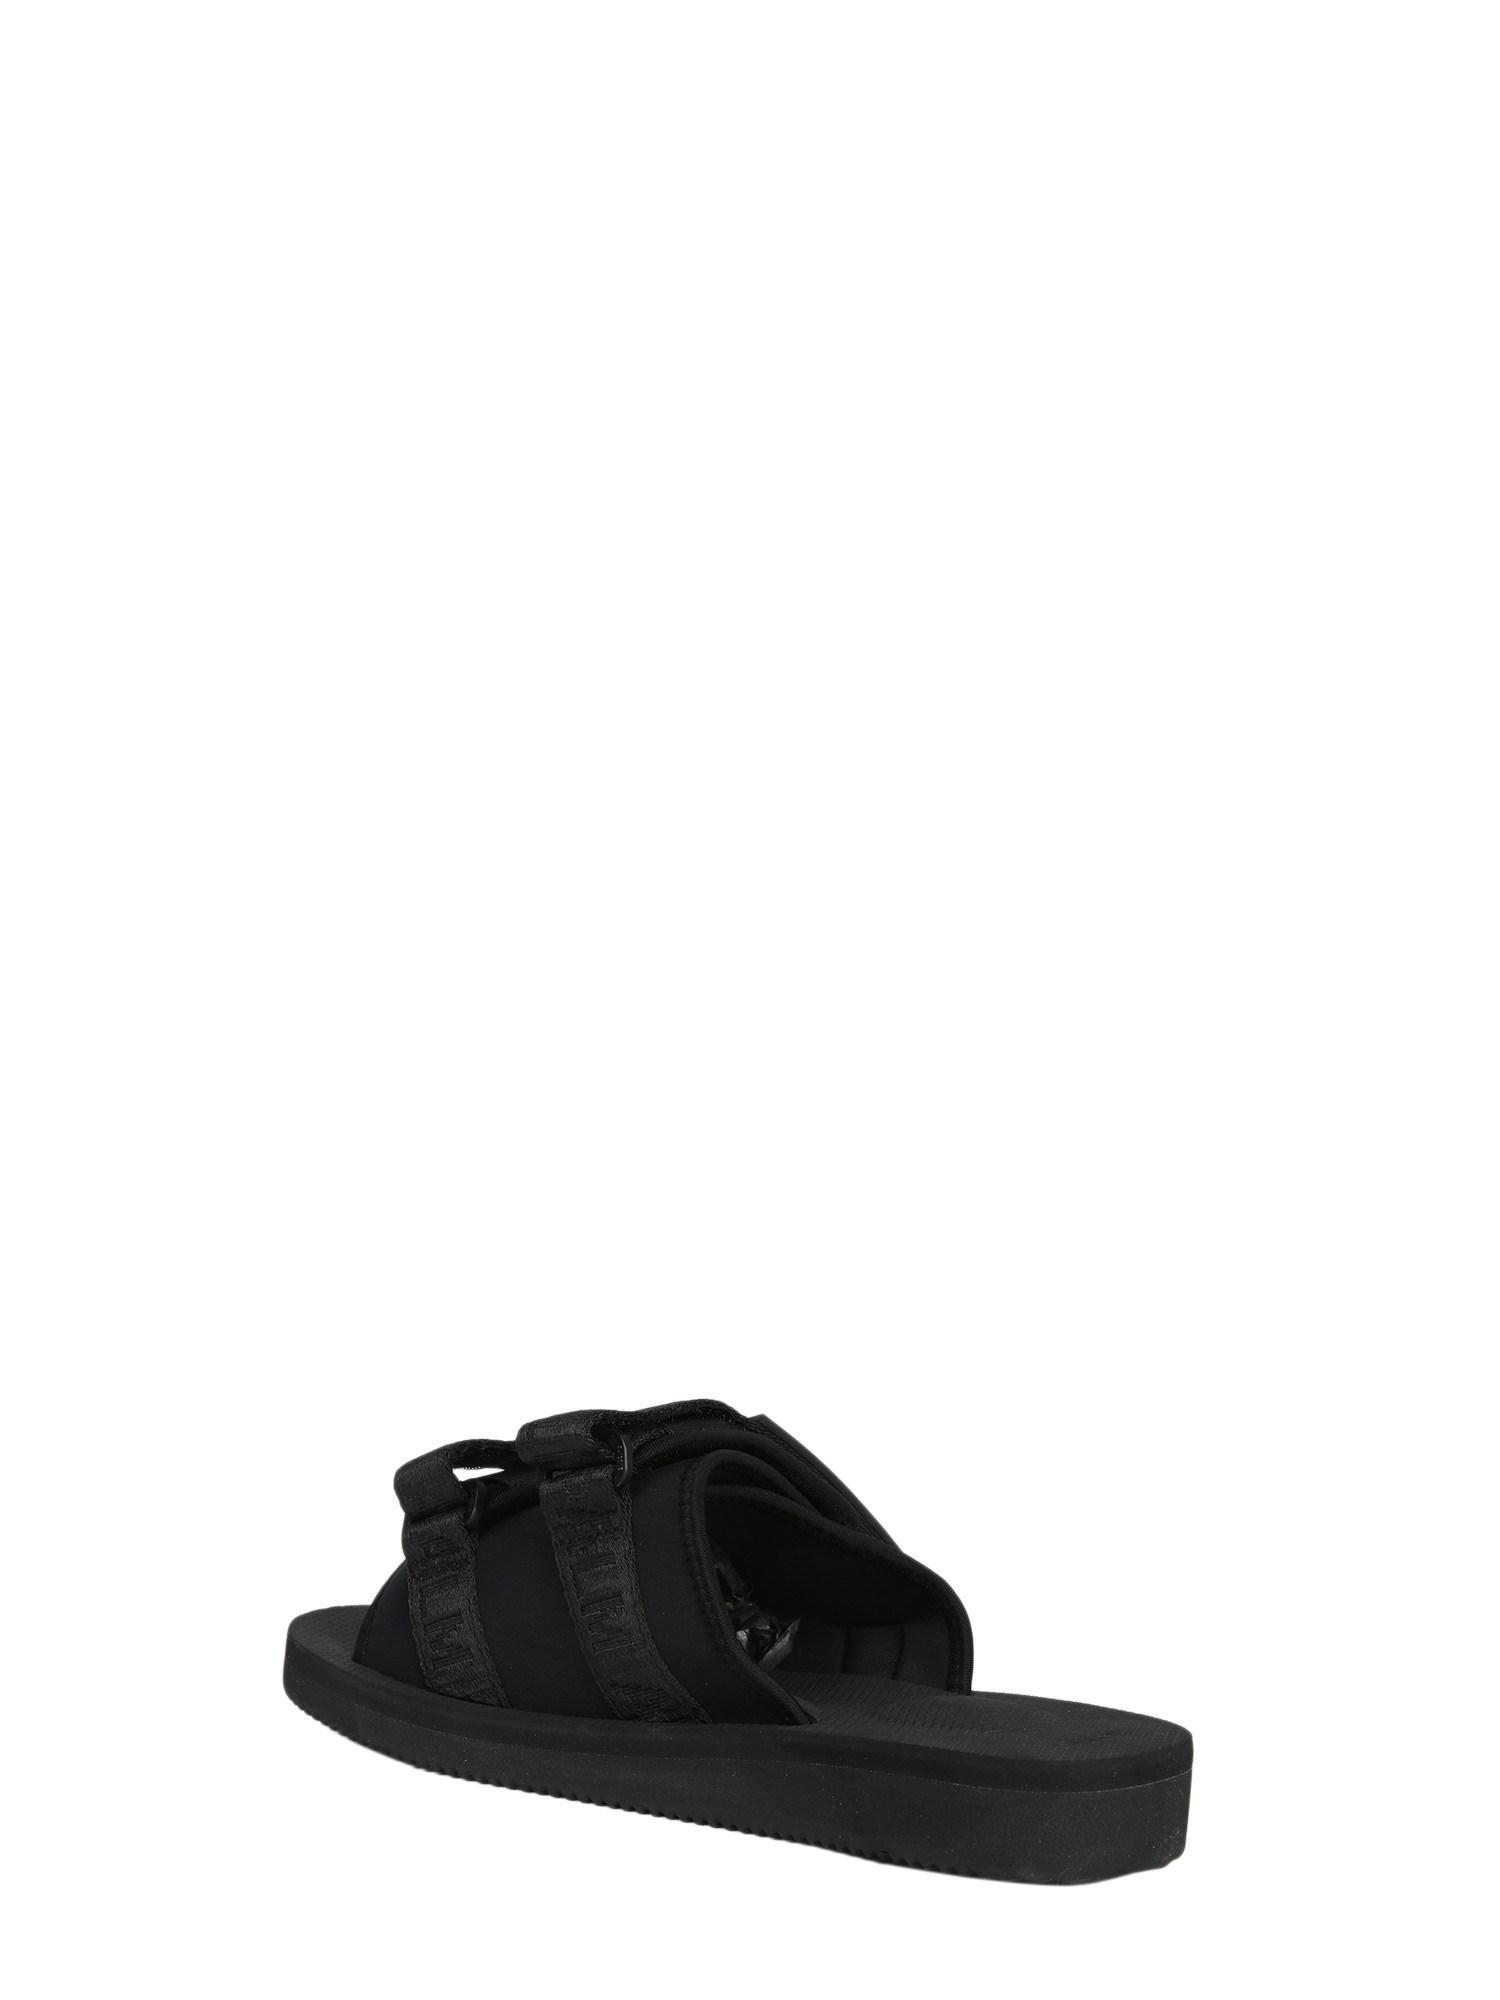 10a13b81e15d Palm Angels Suicoke Sandals In Neoprene in Black for Men - Lyst